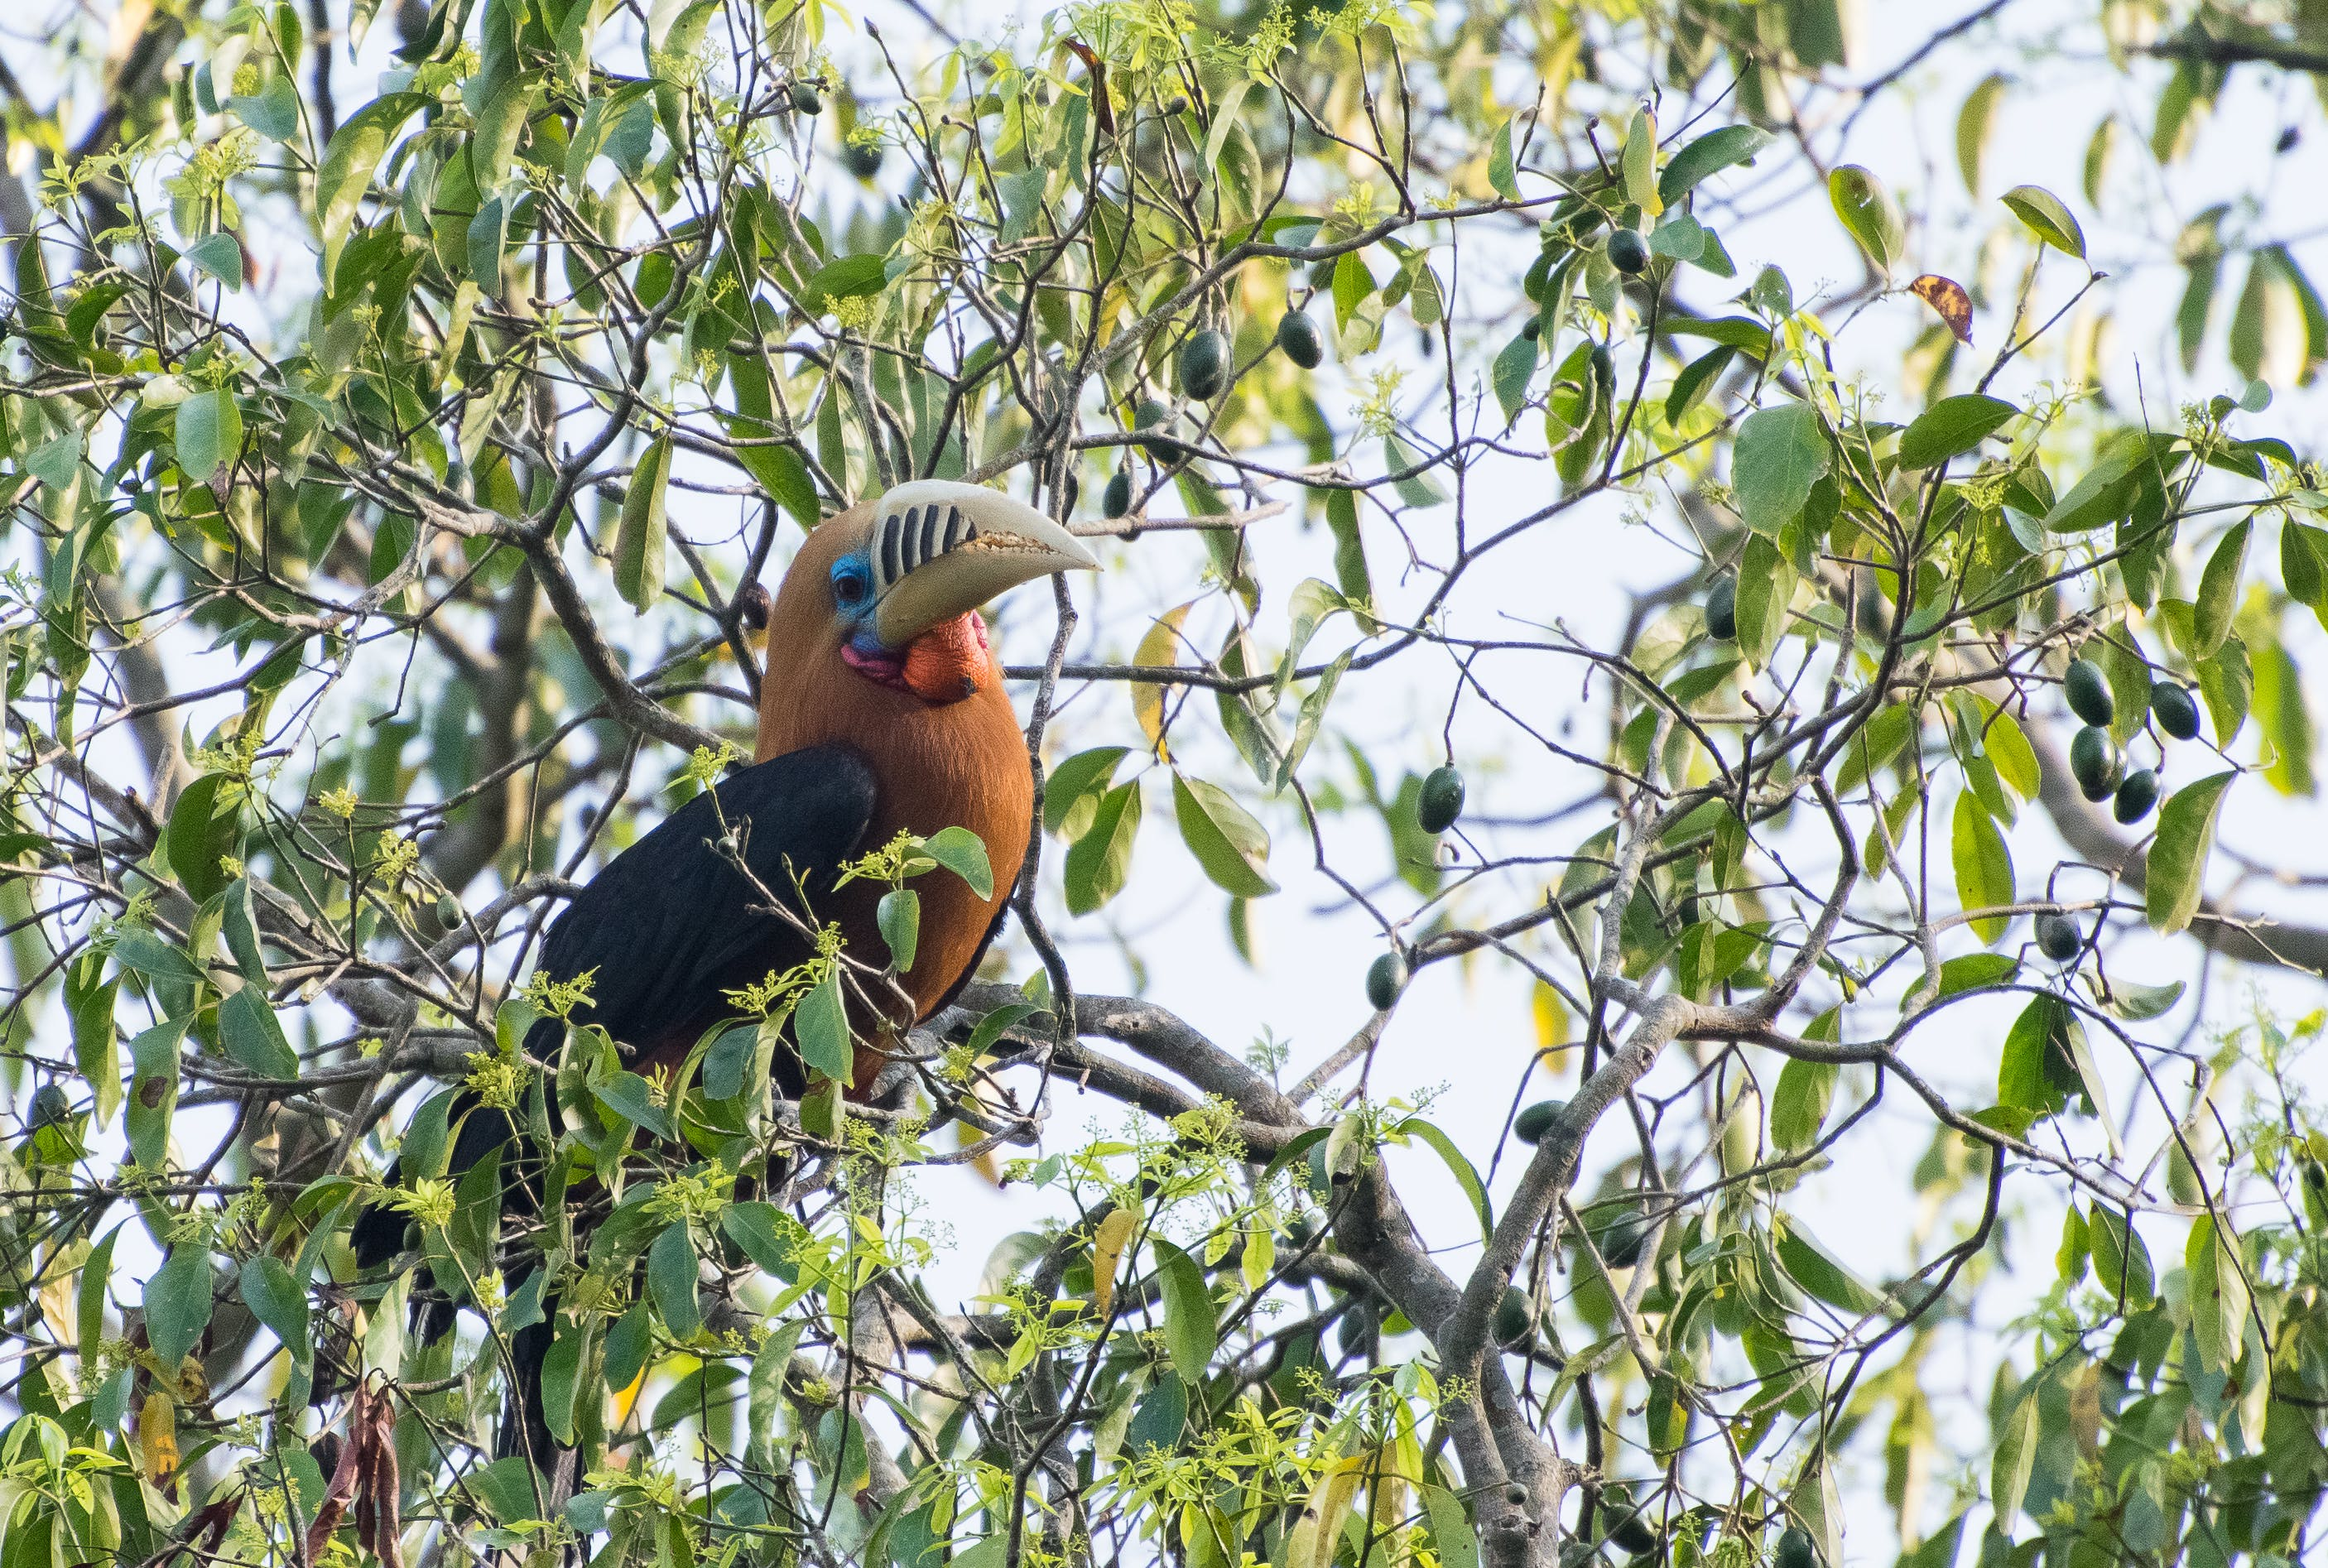 Kostenloses Stock Foto zu baum, großer vogel, grün, hornbill